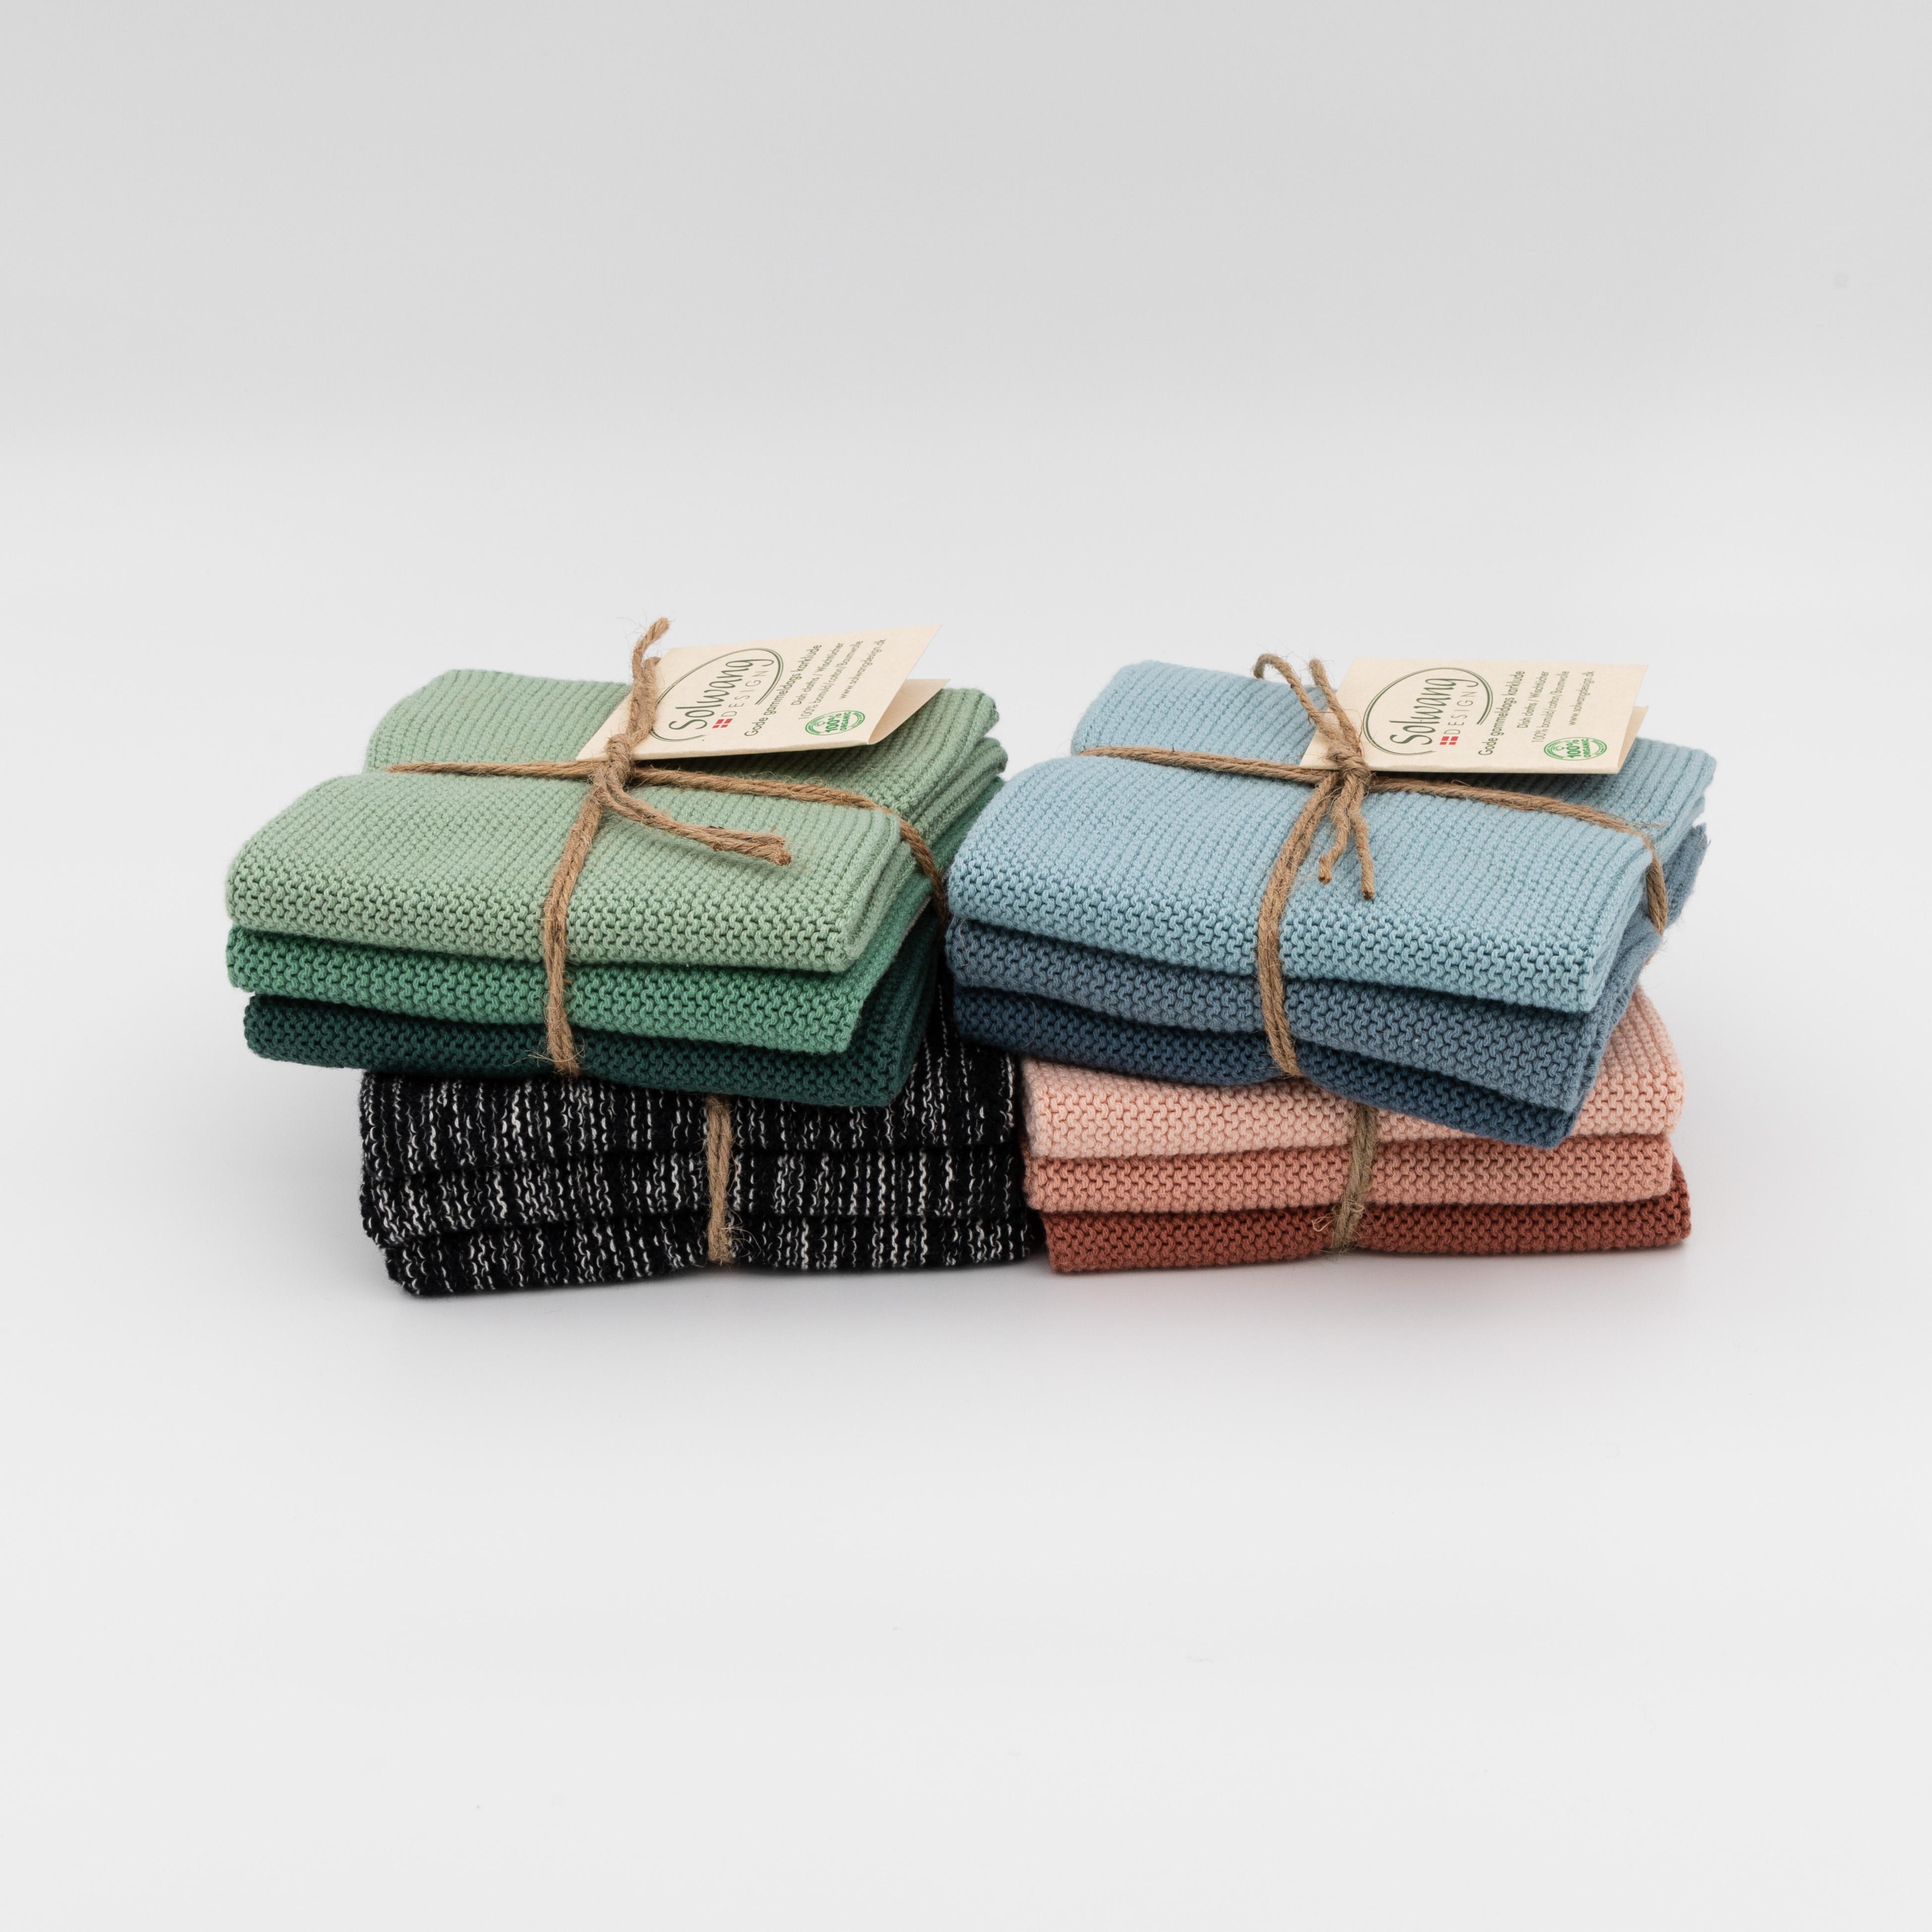 3er-Set Wischlappen platziert in den Farben grün, blau, schwarz und aprikose.